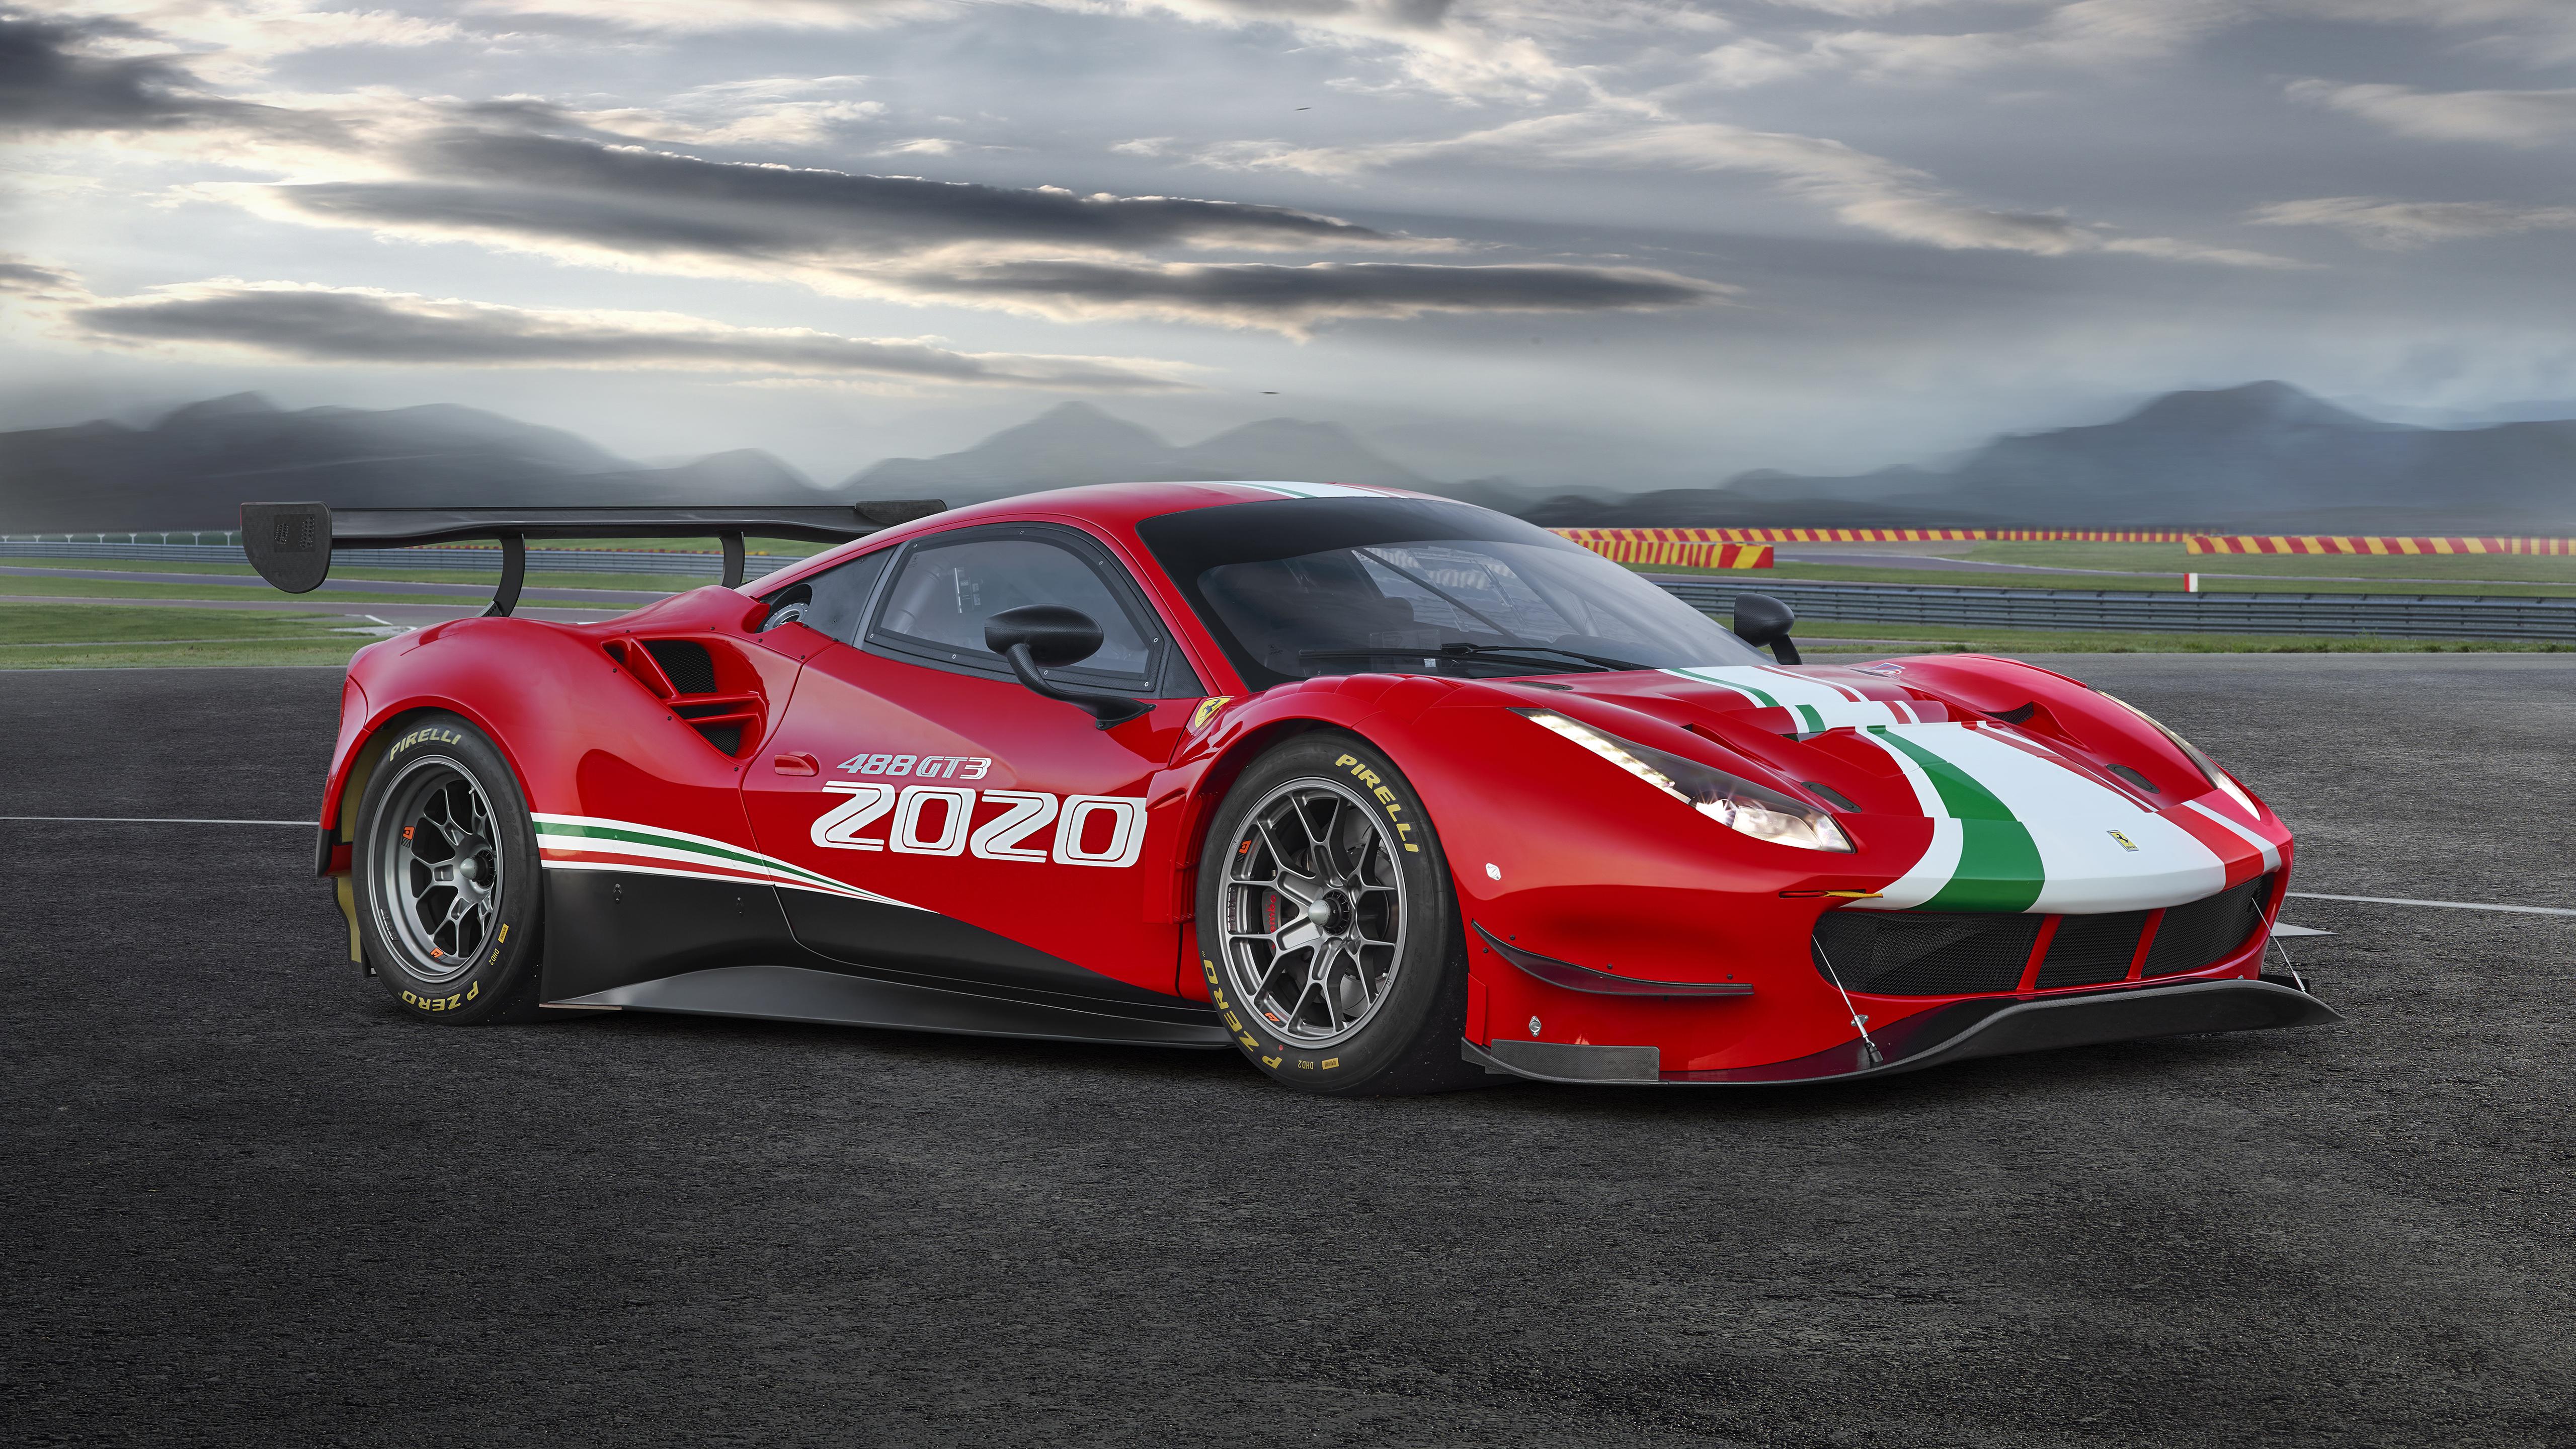 Ferrari 488 Gt3 Evo 2020 5k Wallpaper Hd Car Wallpapers Id 13547